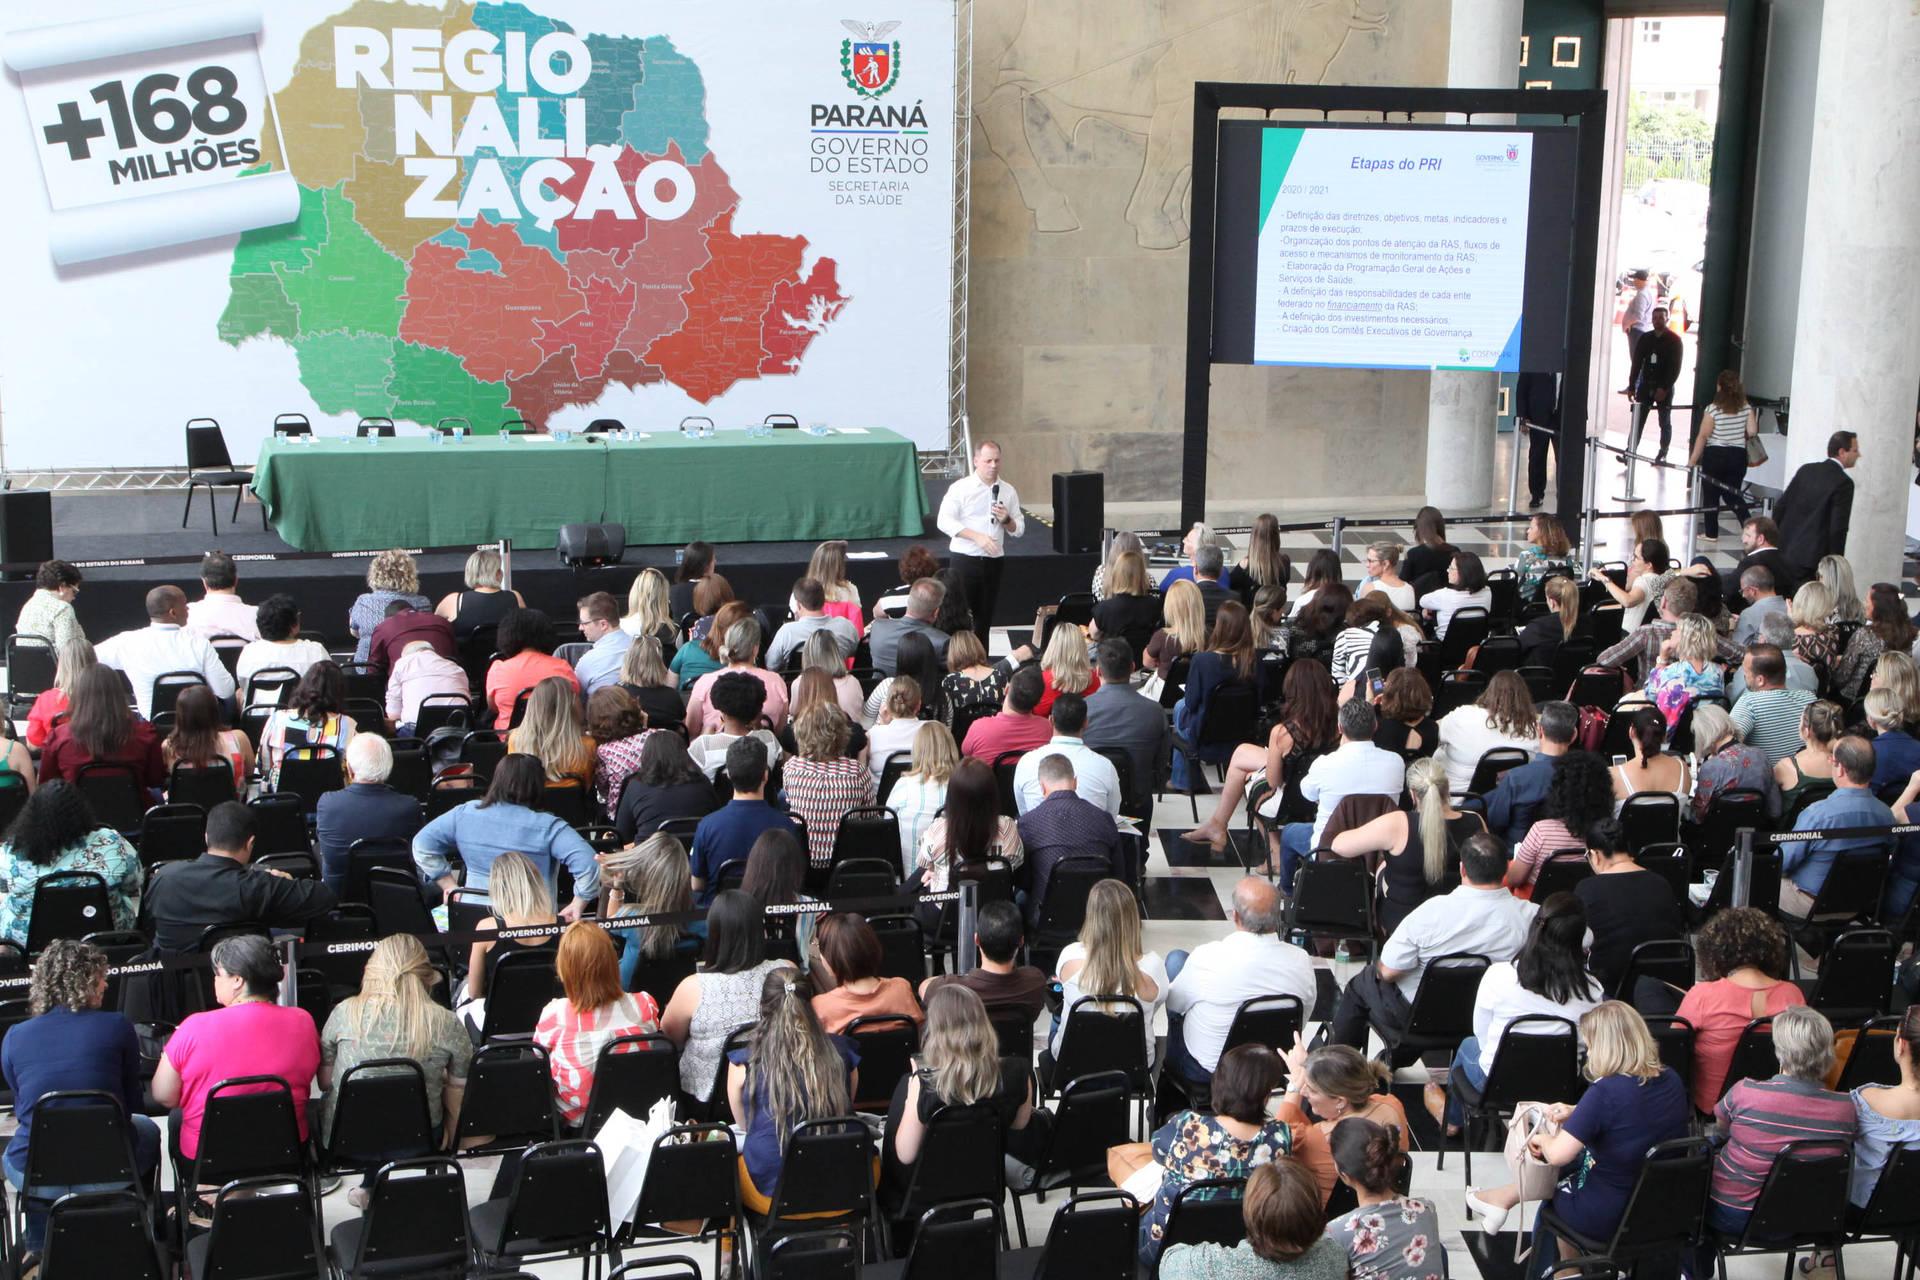 O Relatório de Planejamento Integrado (PRI) foi construído durante o ano de 2019. Desde fevereiro, equipes da secretaria estadual percorreram o Paraná promovendo oficinas e reuniões para identificar as necessidades da área de forma regionalizada.